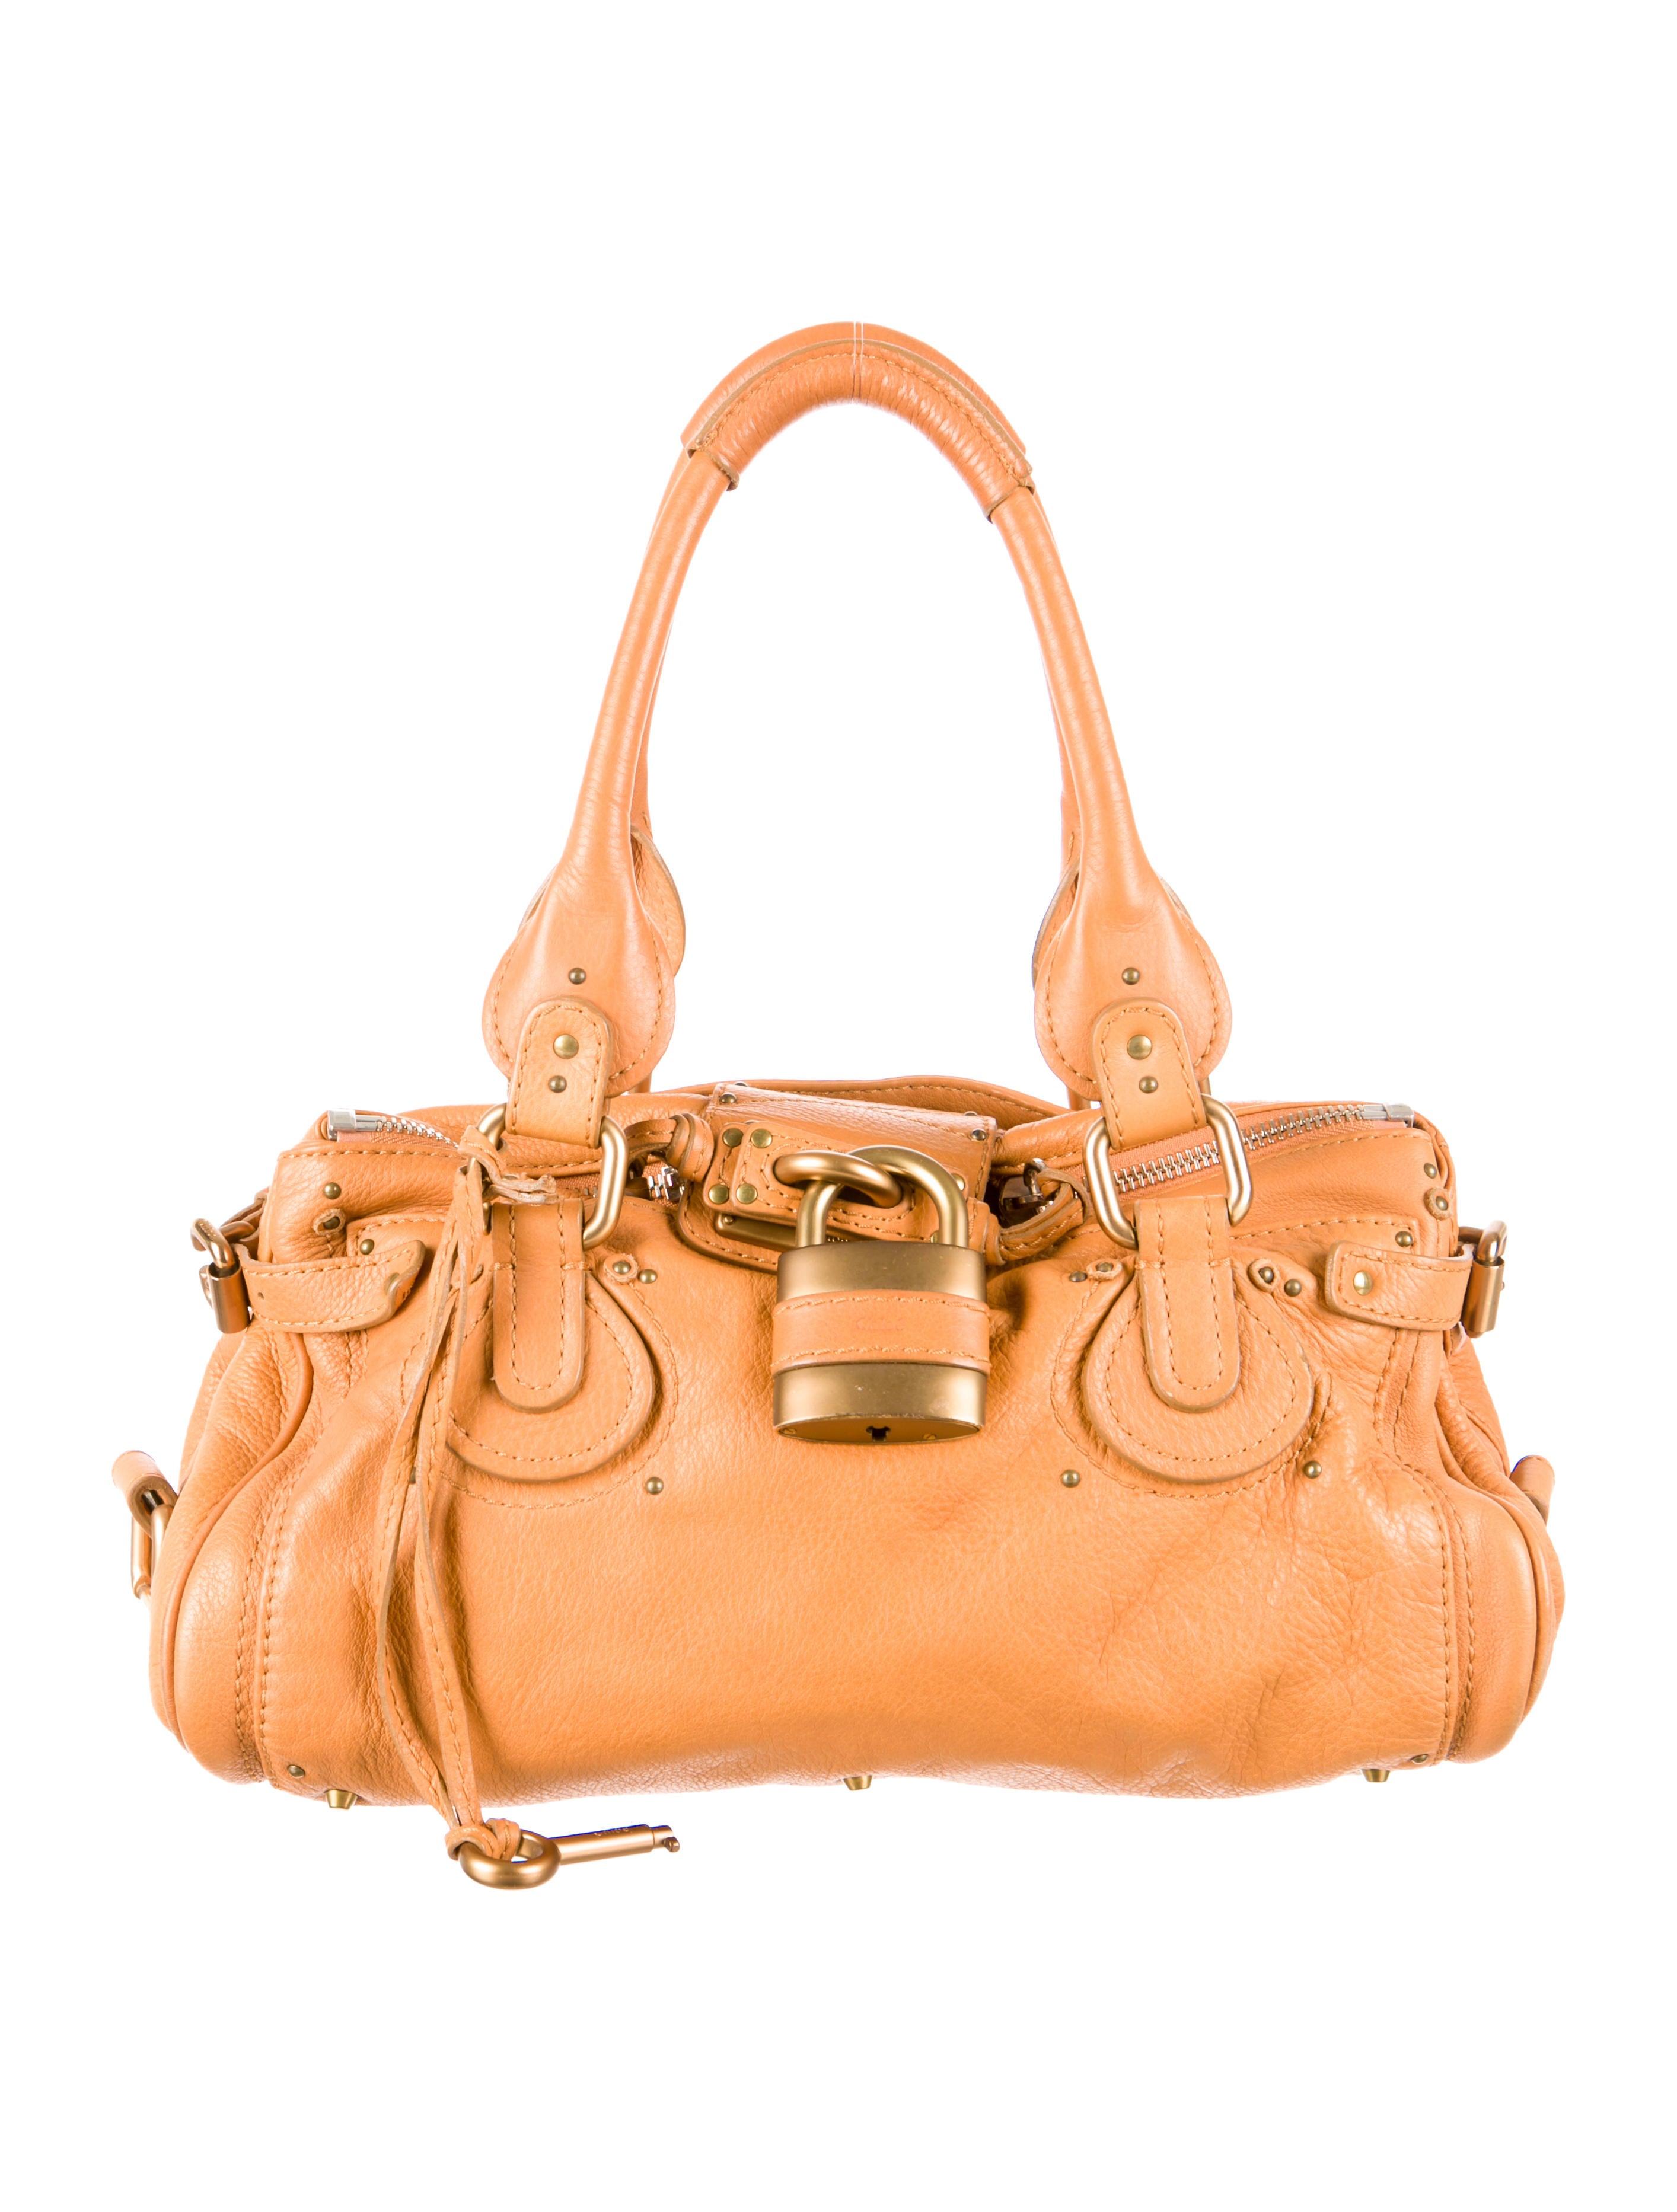 Chlo¨¦ Paddington Bag - Handbags - CHL29764  15c78e273e6fa